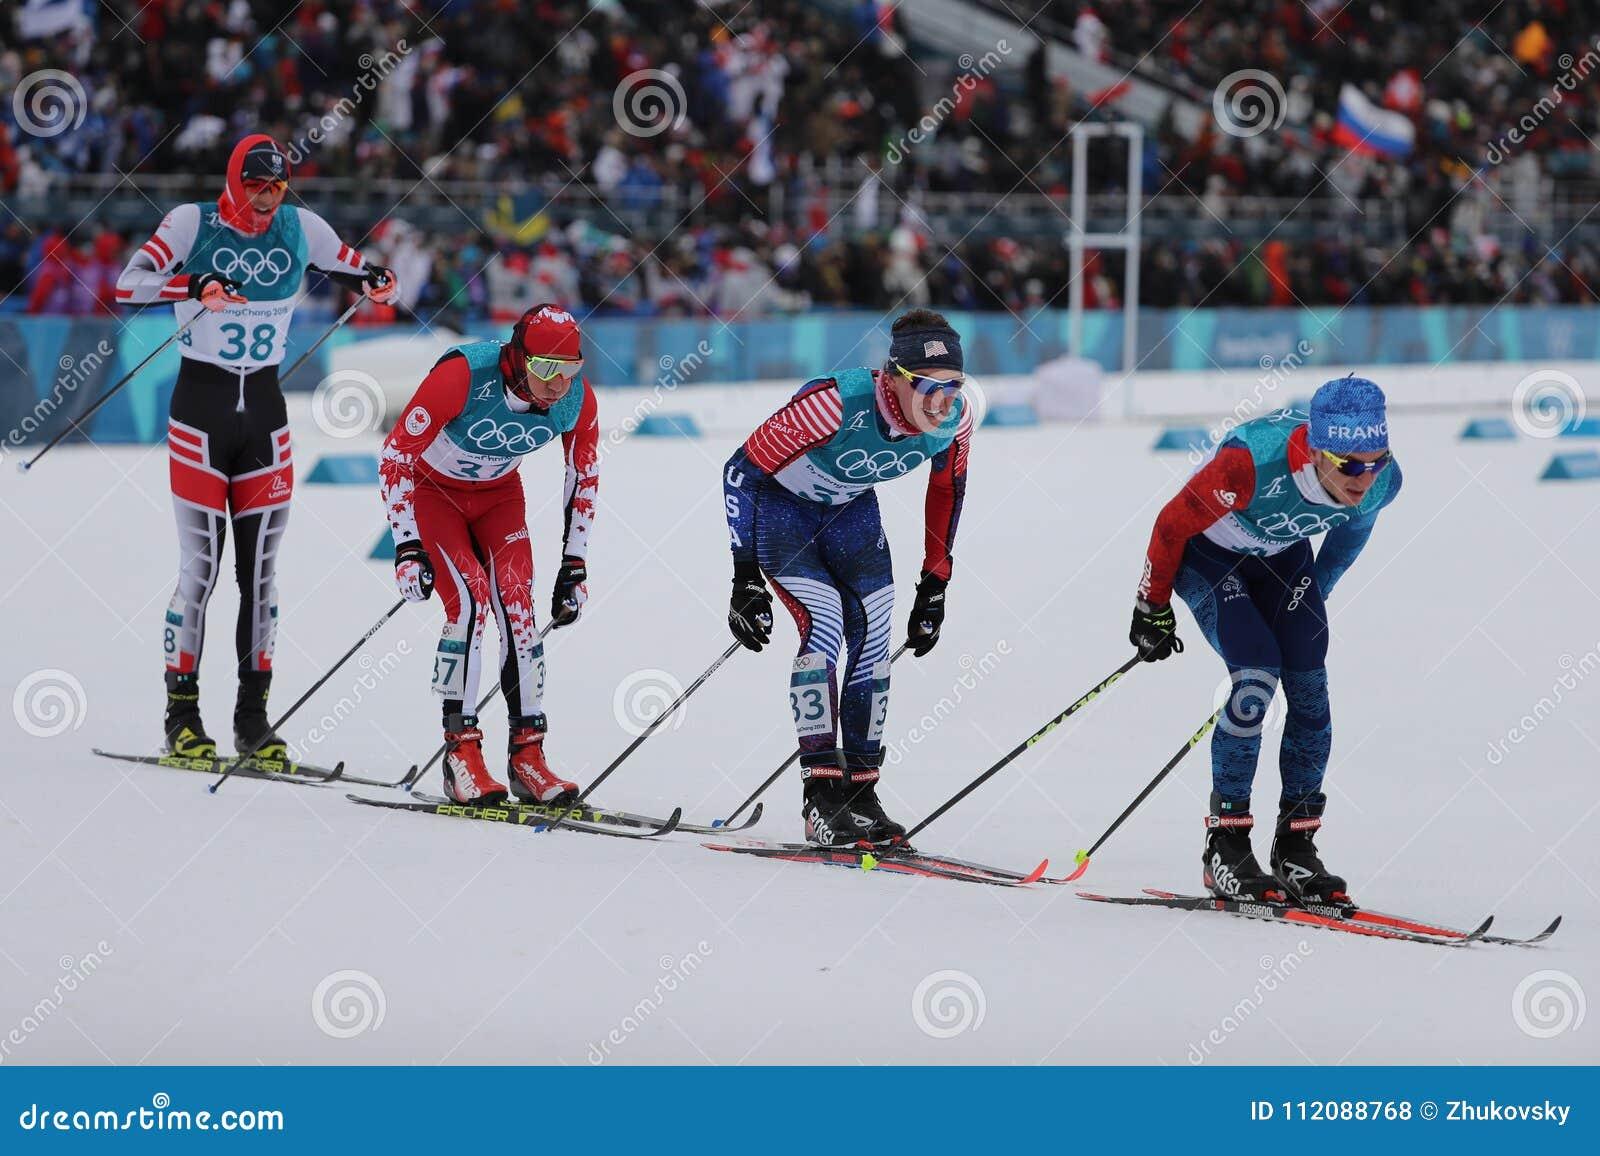 Лыжники состязаются на массовом старте в ` s 15km + 15km Skiathlon людей на 2018 Олимпийских Играх зимы